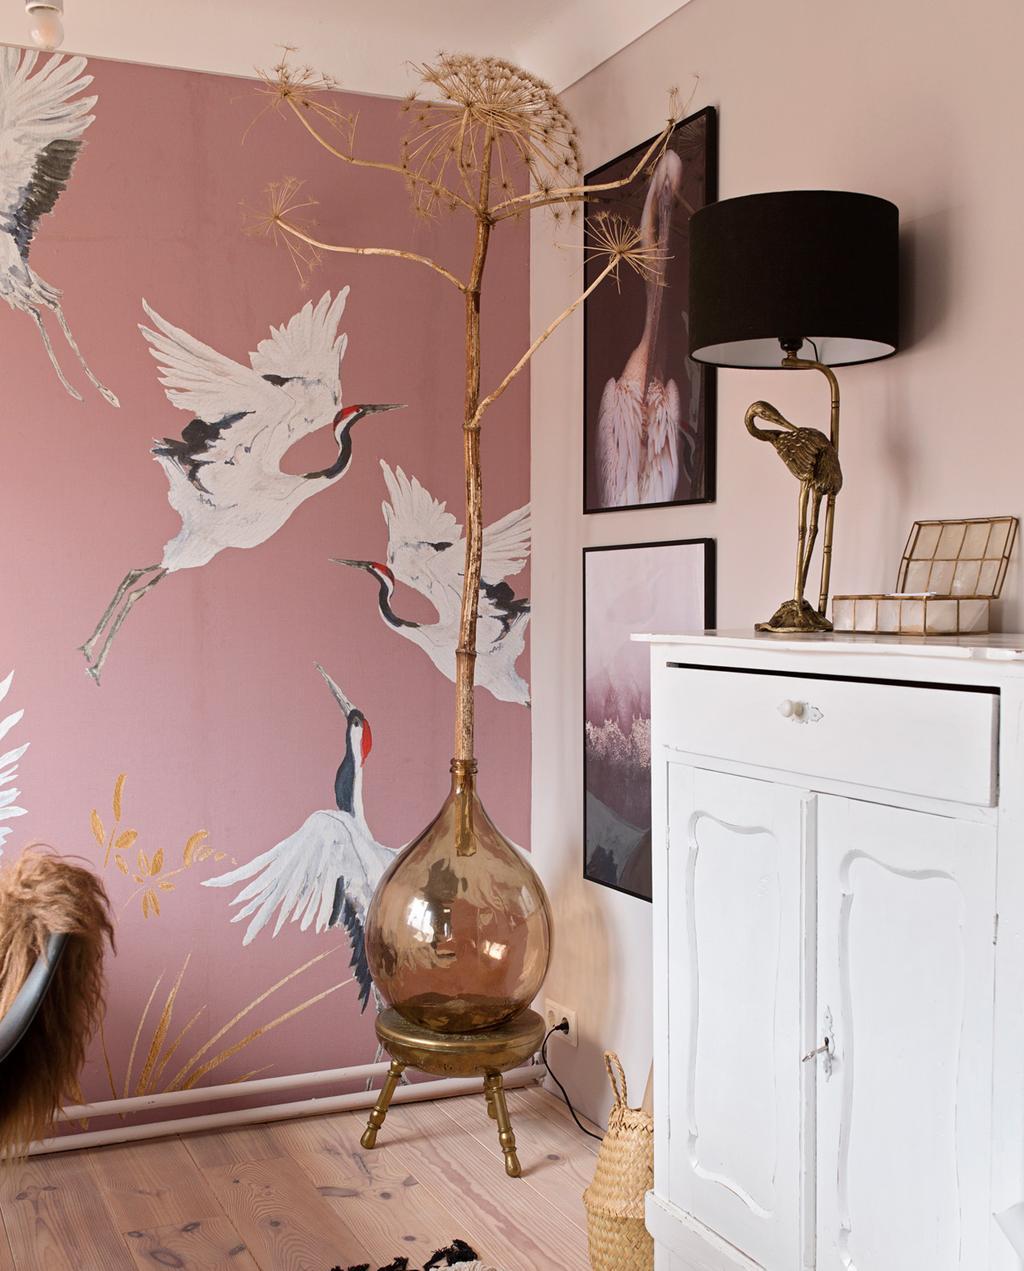 vtwonen 04-2020 | kijkkamer creatieve werkkamer met roze kraanvogel behang en een grote bolle vaas